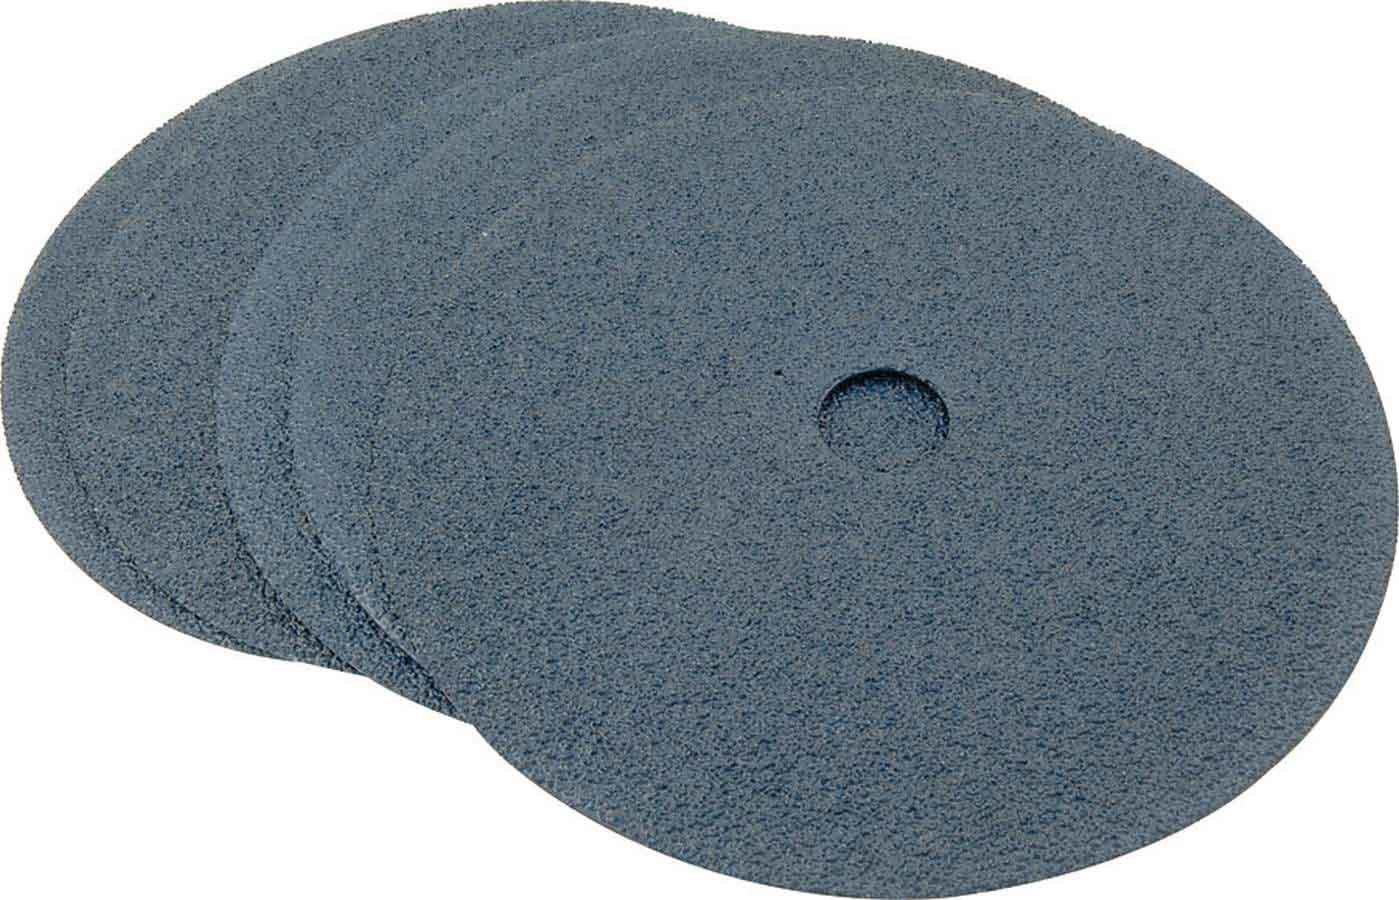 Allstar Performance Sanding Discs 7in 36 Grit 5pk